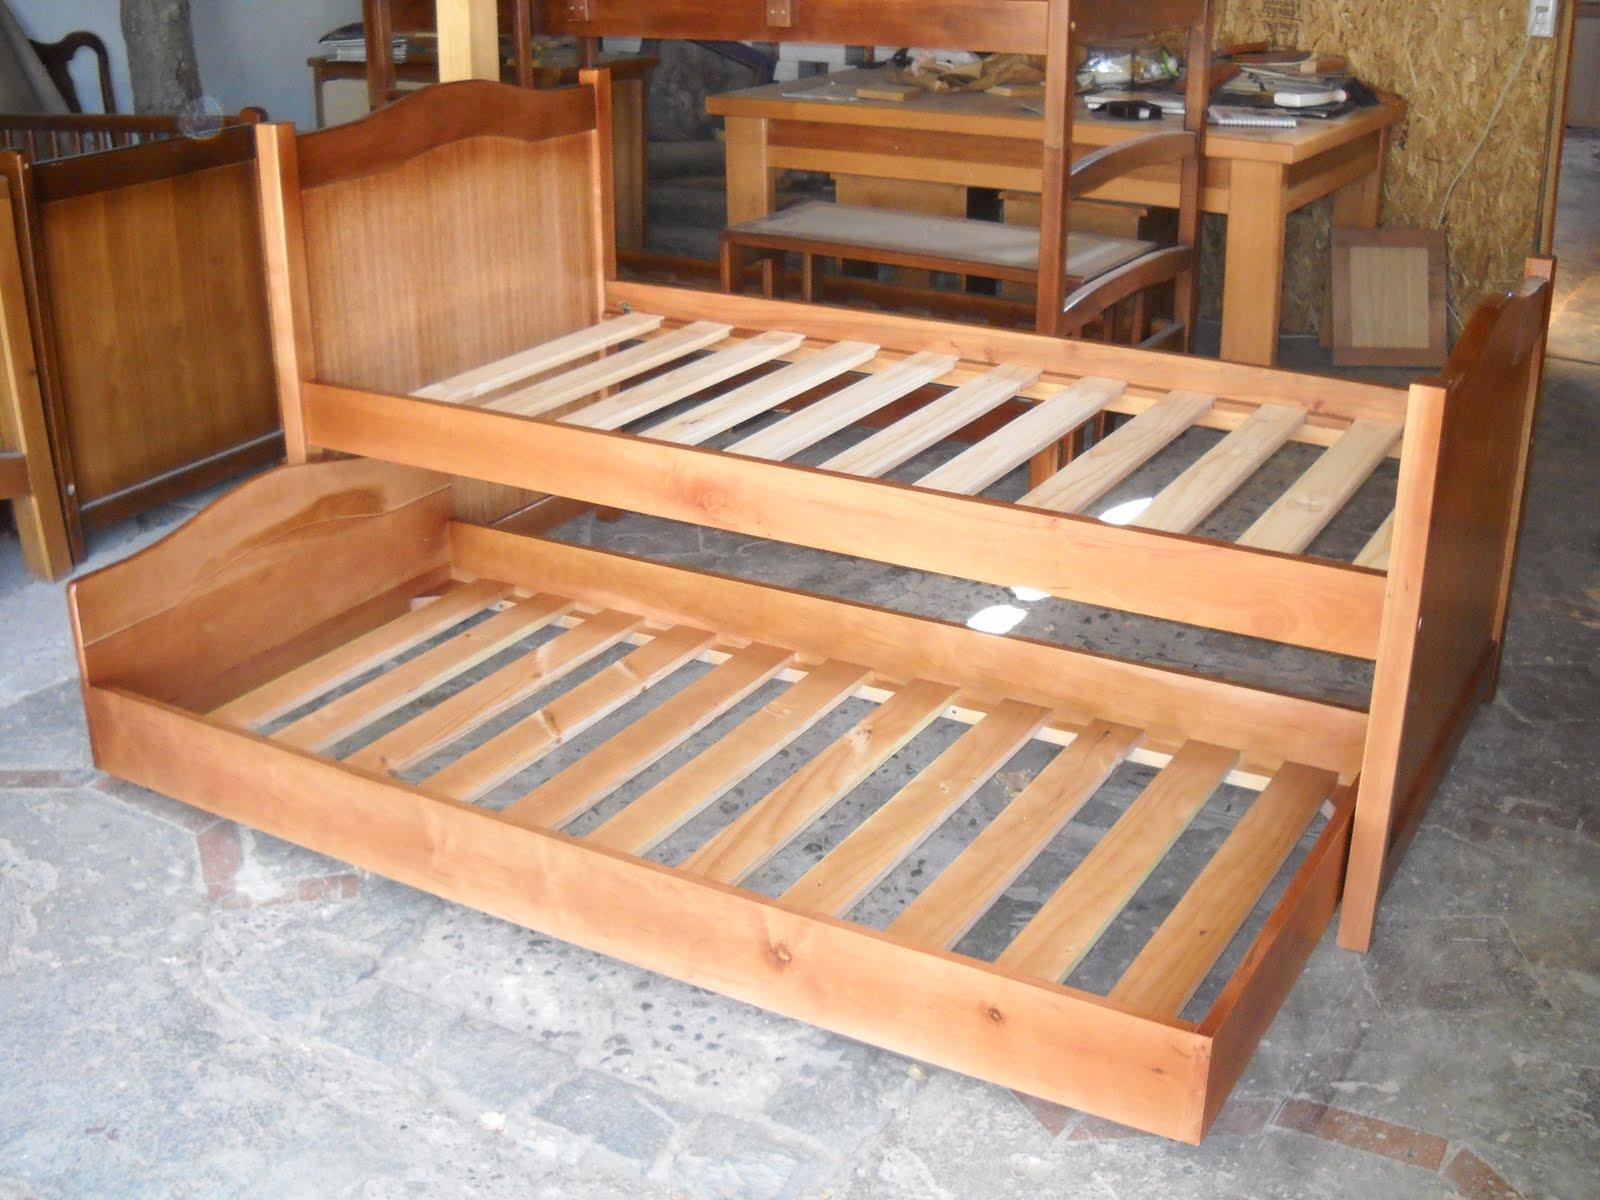 Muebles kotue cama alta con nido - Cama nido alta ...